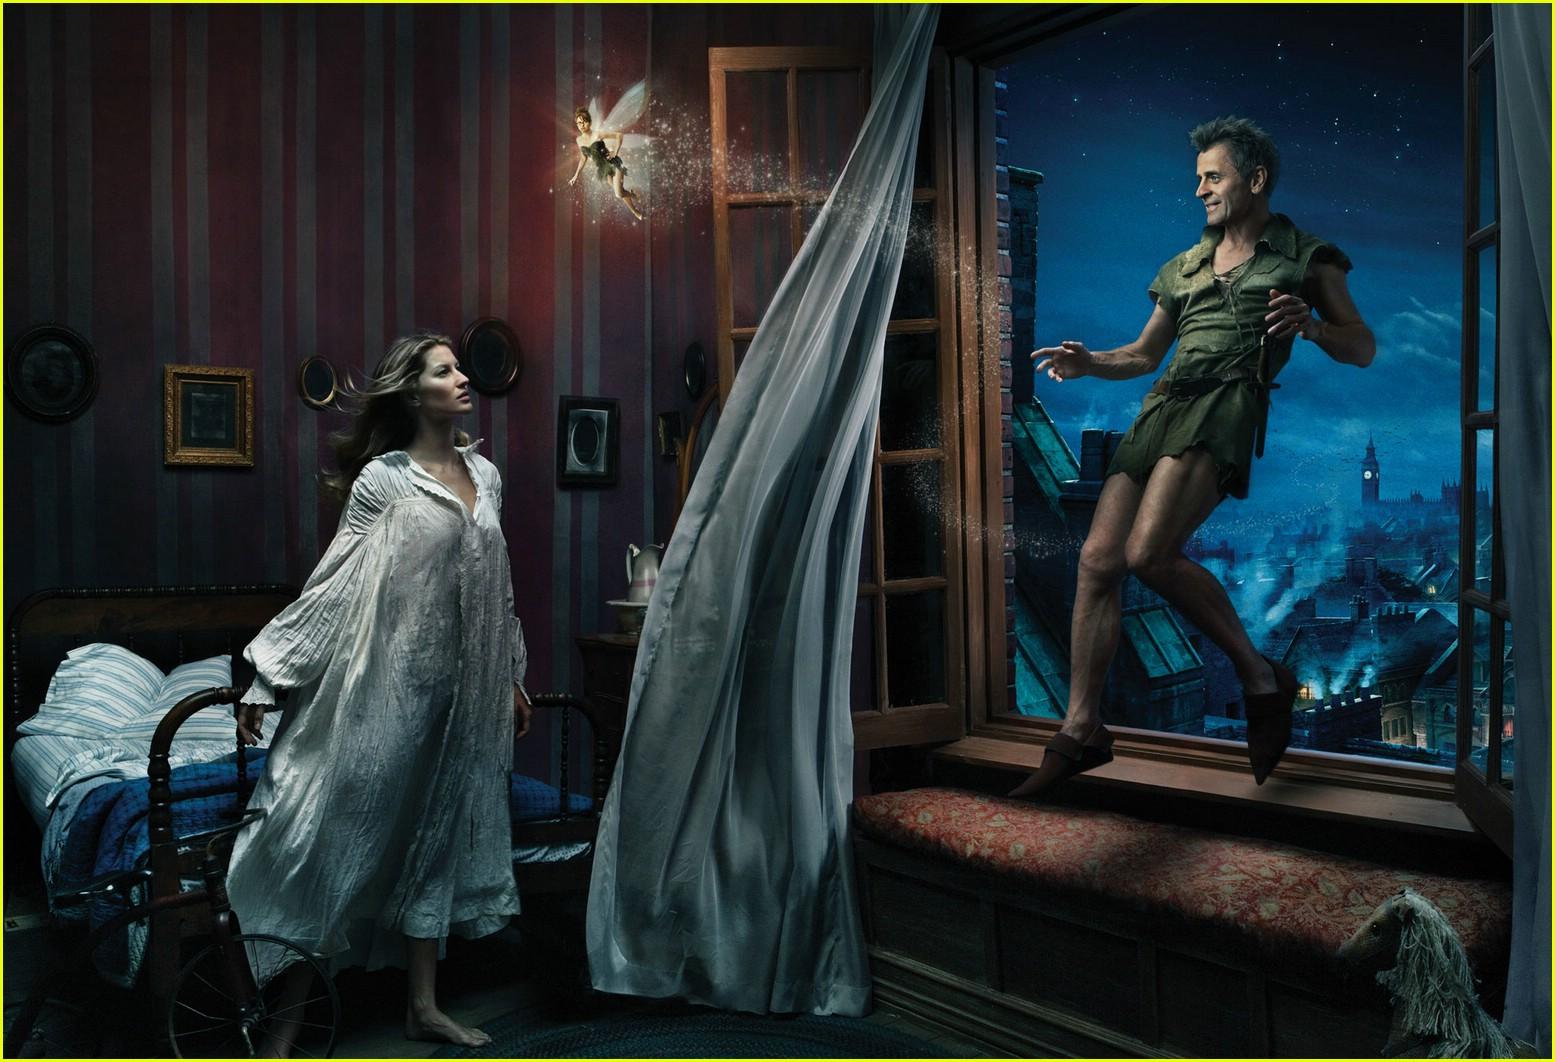 http://4.bp.blogspot.com/-tzqqOFP6sxI/TaBh6PTJf9I/AAAAAAAAAX4/YTKBheX153A/s1600/disney-dream-ads-annie-leibovitz-08.jpg